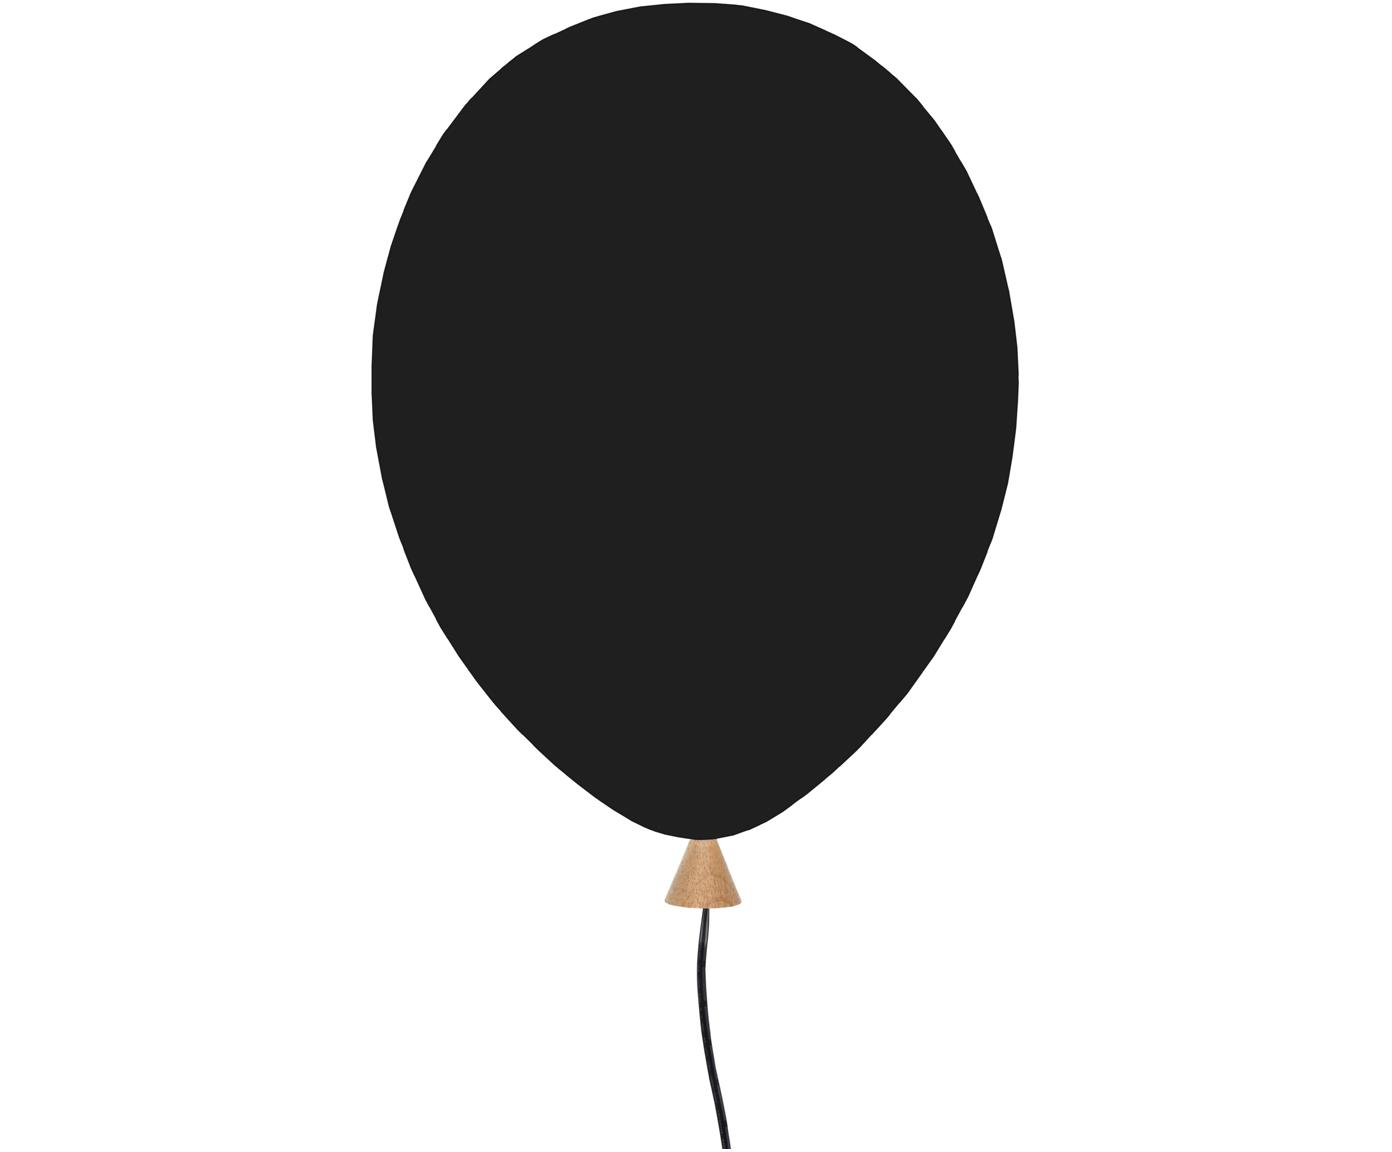 Applique in legno con spina Balloon, Paralume: legno rivestito, Nero, Larg. 25 x Alt. 35 cm